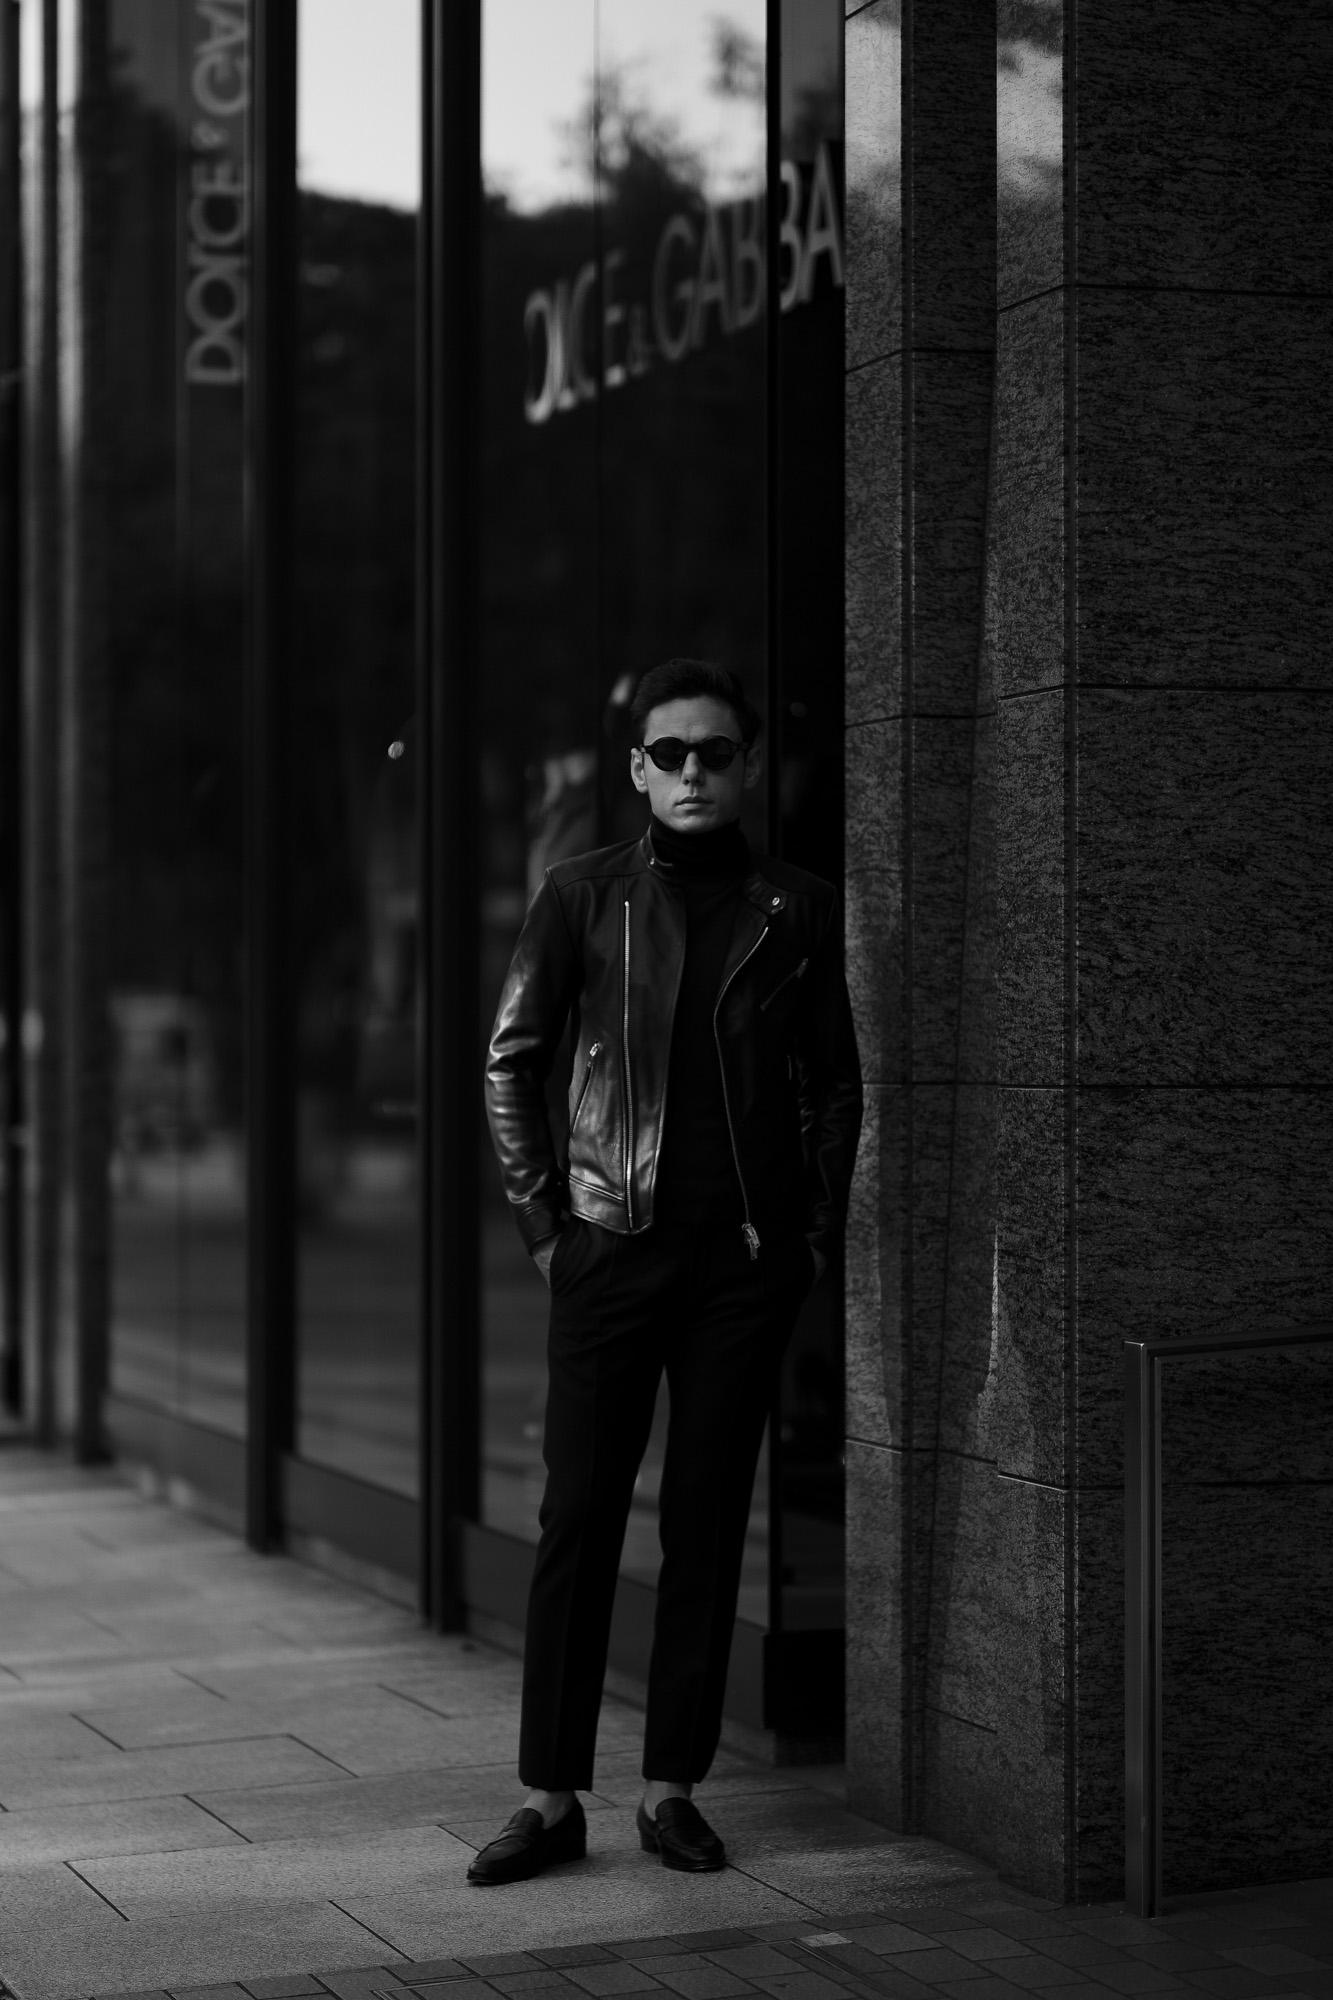 FIXER(フィクサー) F1(エフワン) DOUBLE RIDERS Cow Leather ダブルライダース ジャケット BLACK(ブラック) 【ご予約受付中】【2019.10.19(Sat)~2019.11.3(Sun)】 愛知 名古屋 altoediritto アルトエデリット